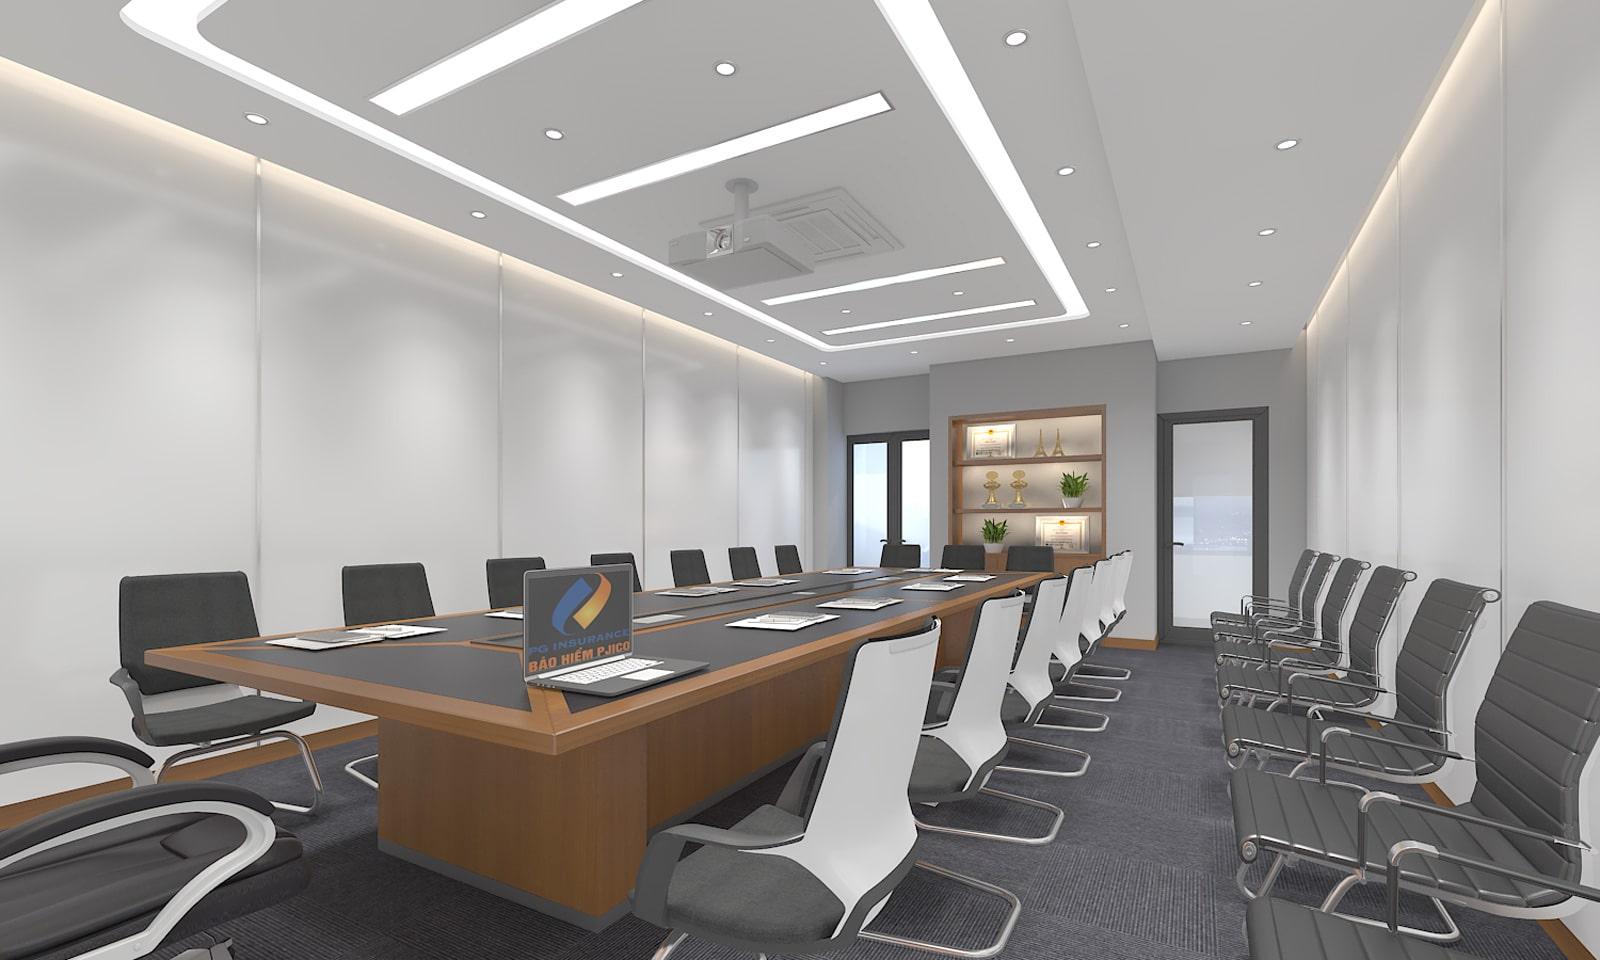 Mẫu thiết kế văn phòng hiện đại đa phong cách nổi bật hiện nay